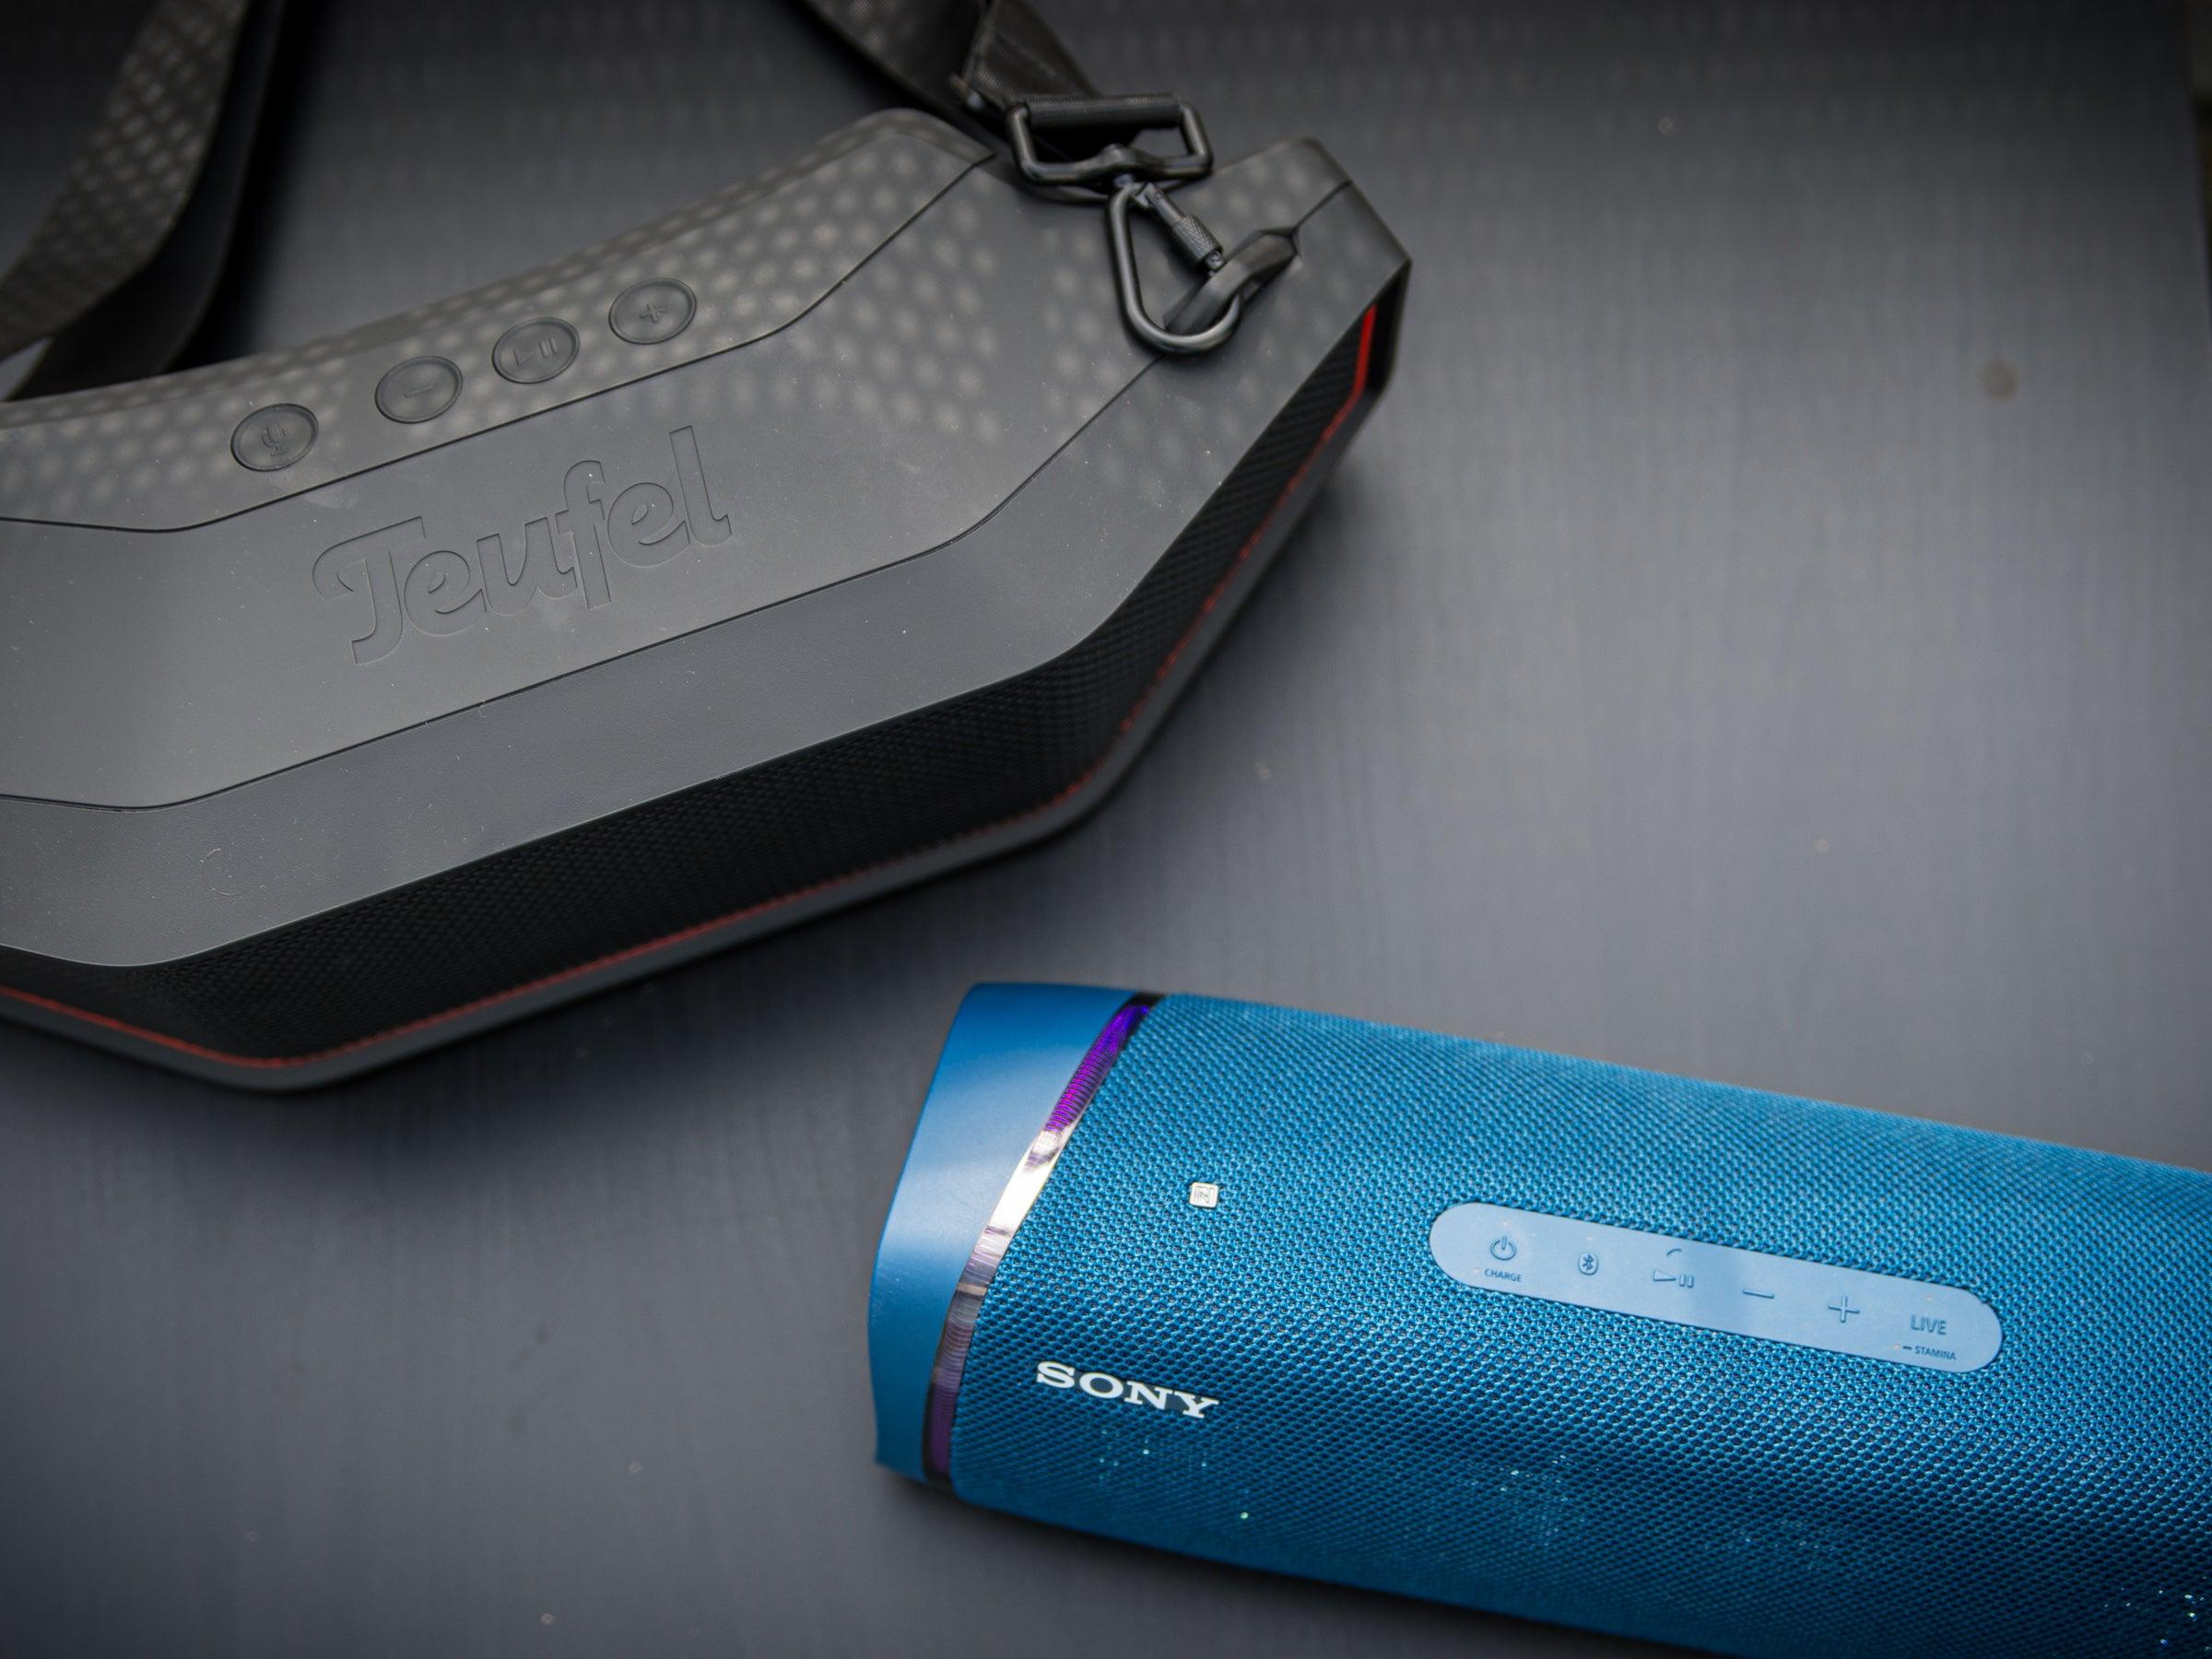 Der Sony SRS-XB43 klingt zwar wärmer als der Teufel Rockster Cross, ist aber insgesamt leiser.